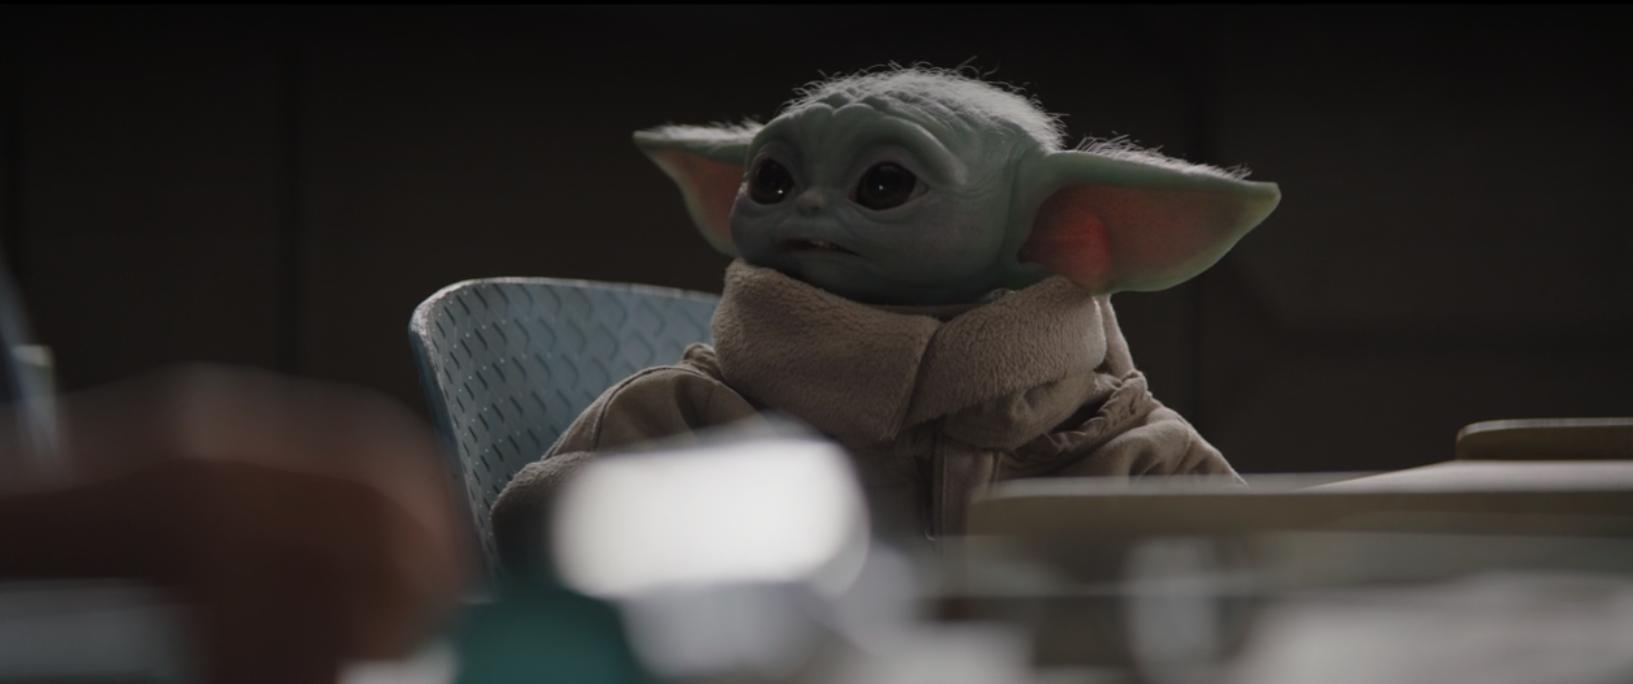 Baby Yoda est au centre de toutes les préoccupations des fans de The Mandalorian